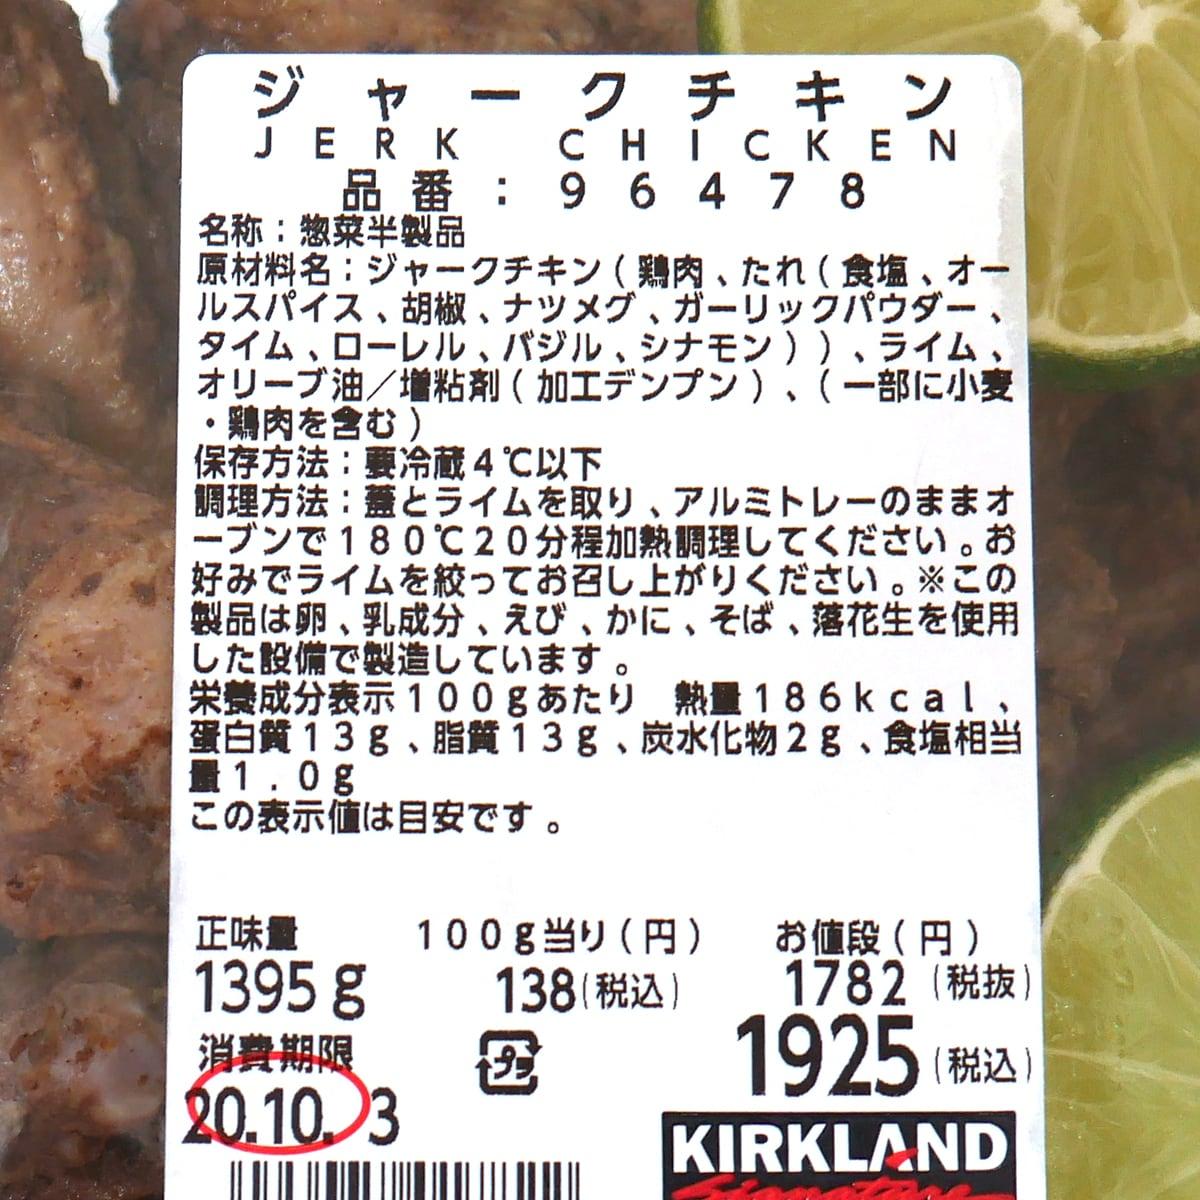 ジャークチキン 商品ラベル(原材料・カロリーほか)